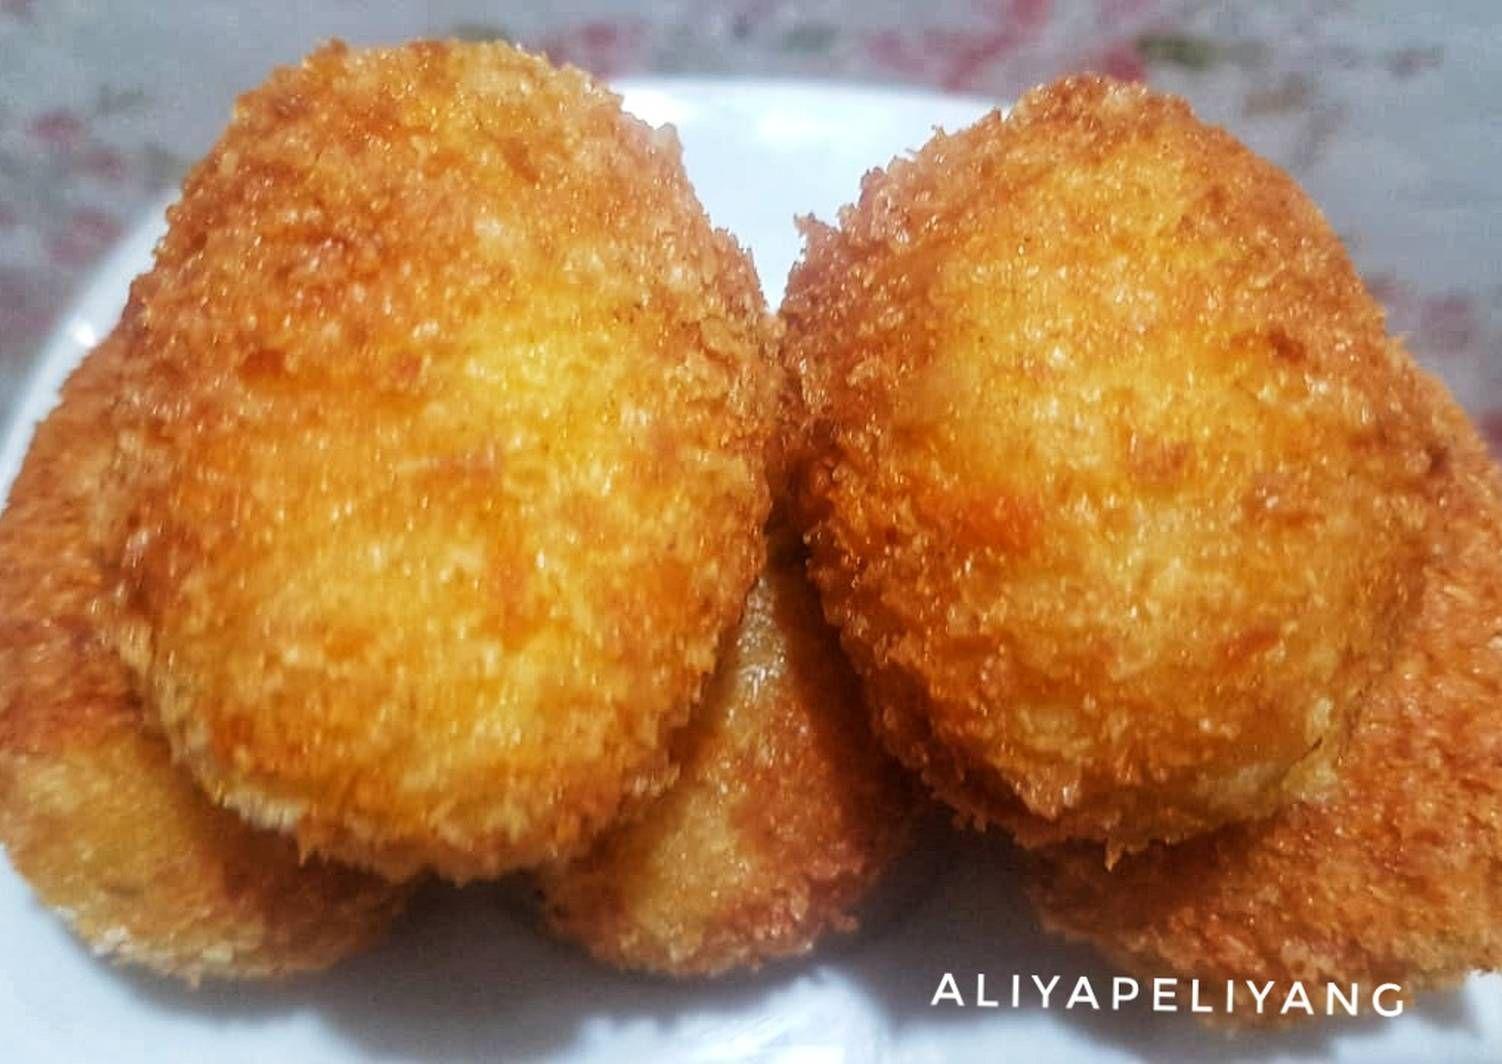 Resep Kroket Kentang Isi Ayam Oleh Aliyapeliyang Aliyakitchen Resep Makanan Makanan Dan Minuman Kroket